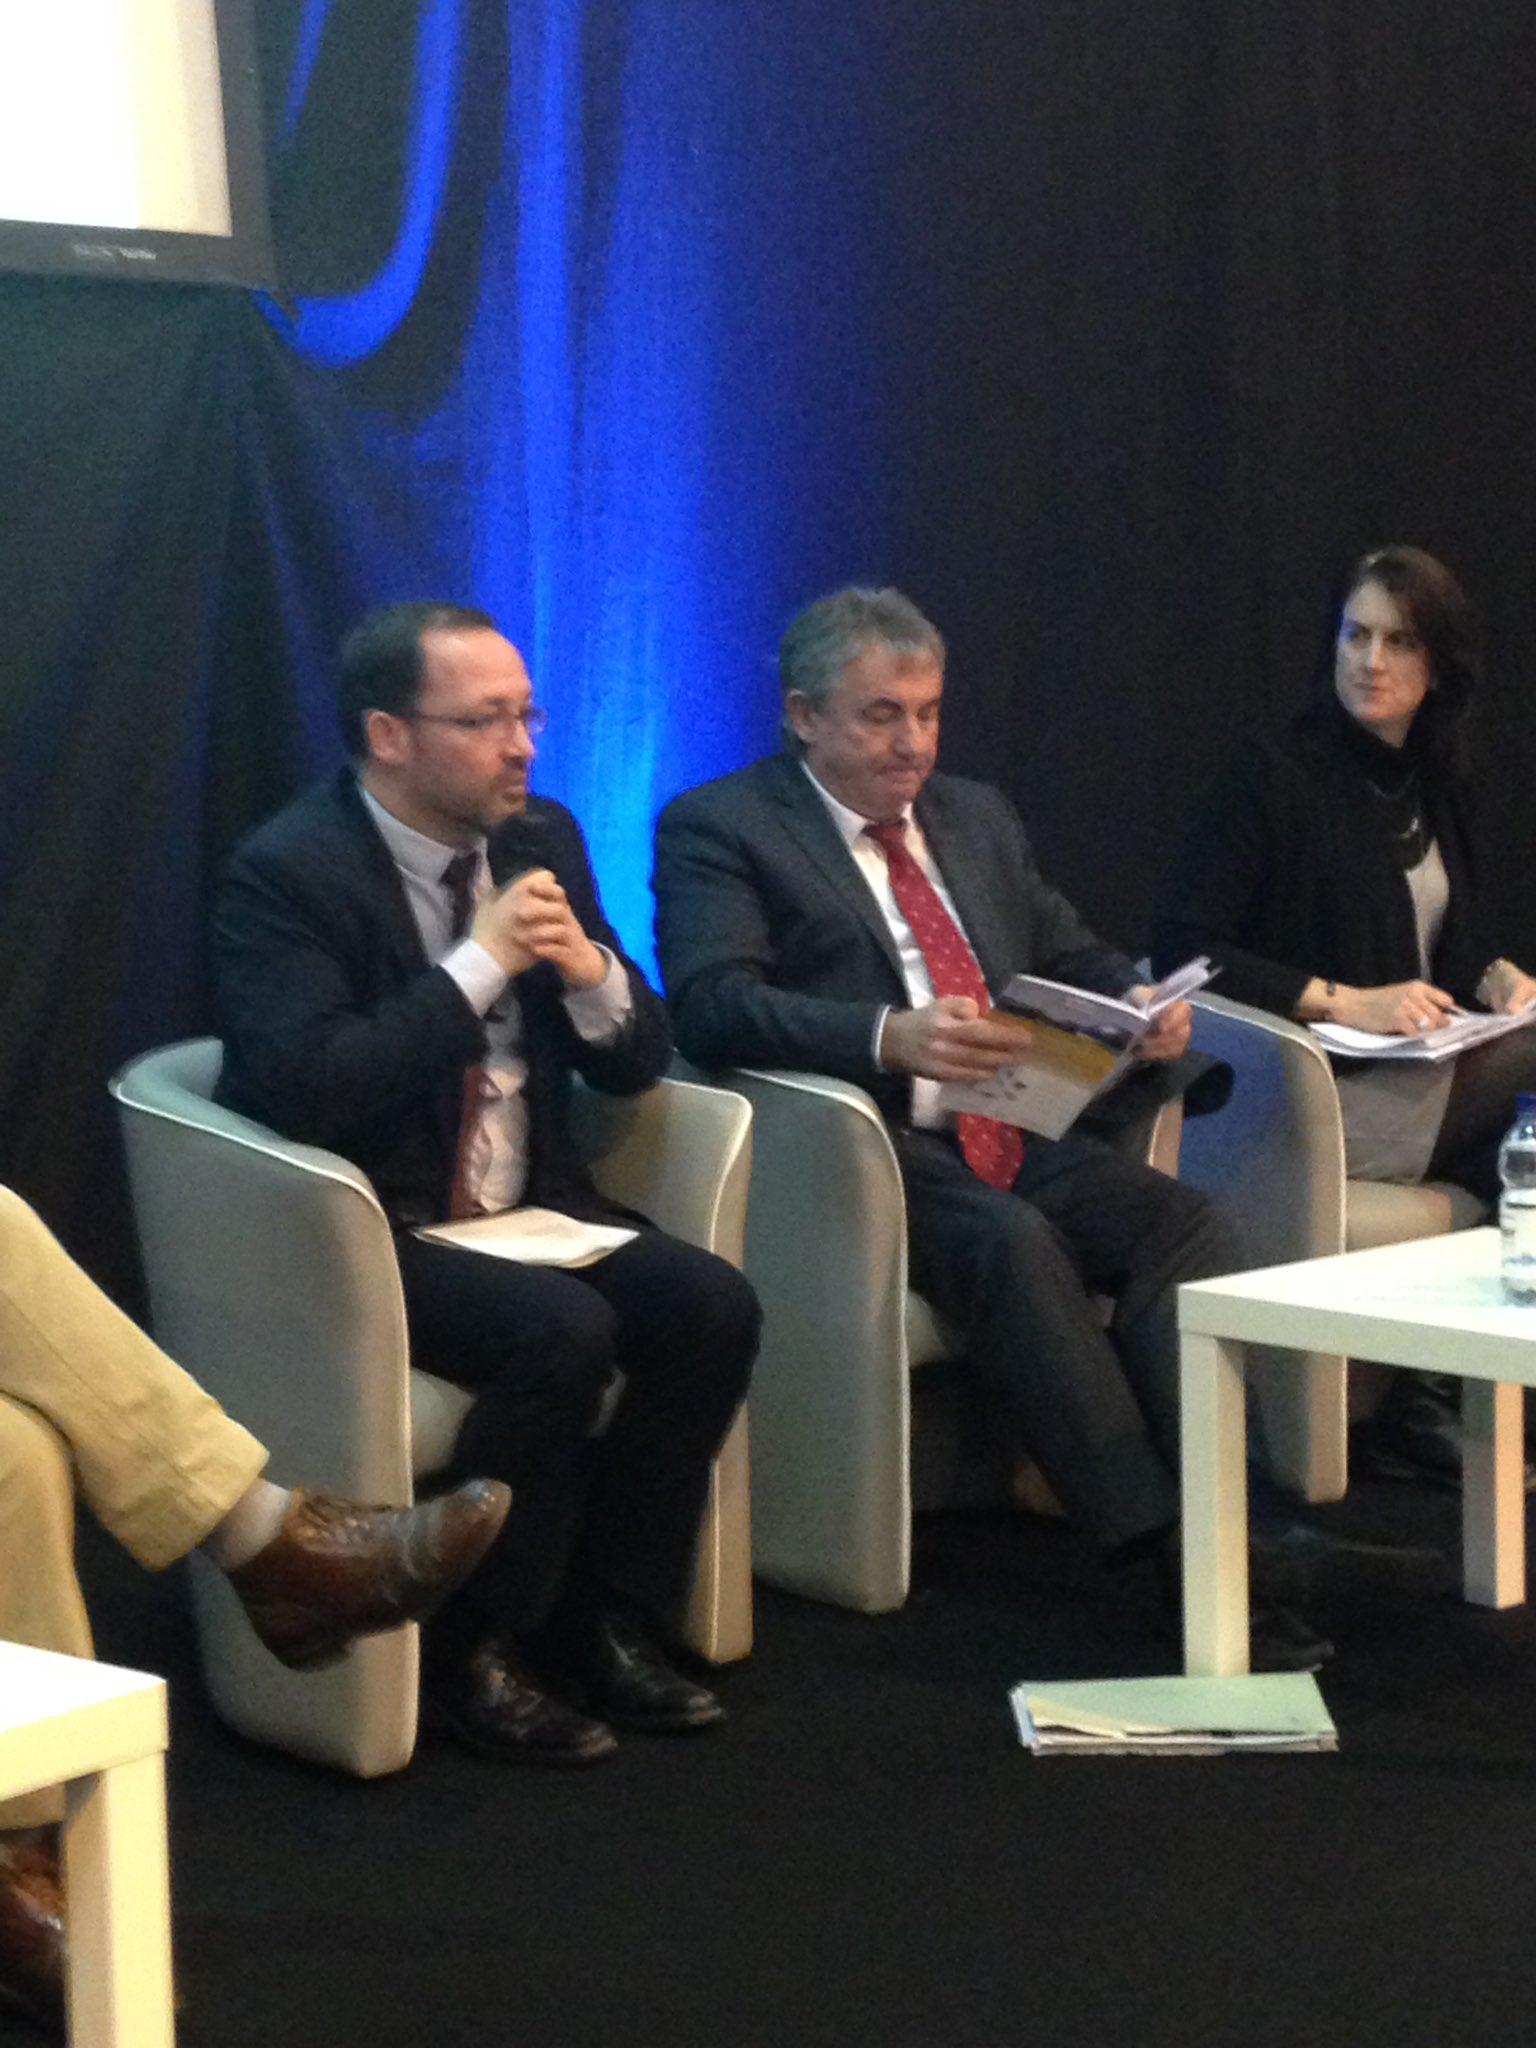 """D.Ramard @regionbretagne : """"enjeu filière #biogaz = continuer dvper projet et #innovation pour meilleure utilisation au niveau territorial"""" https://t.co/zxdIQRO2vg"""